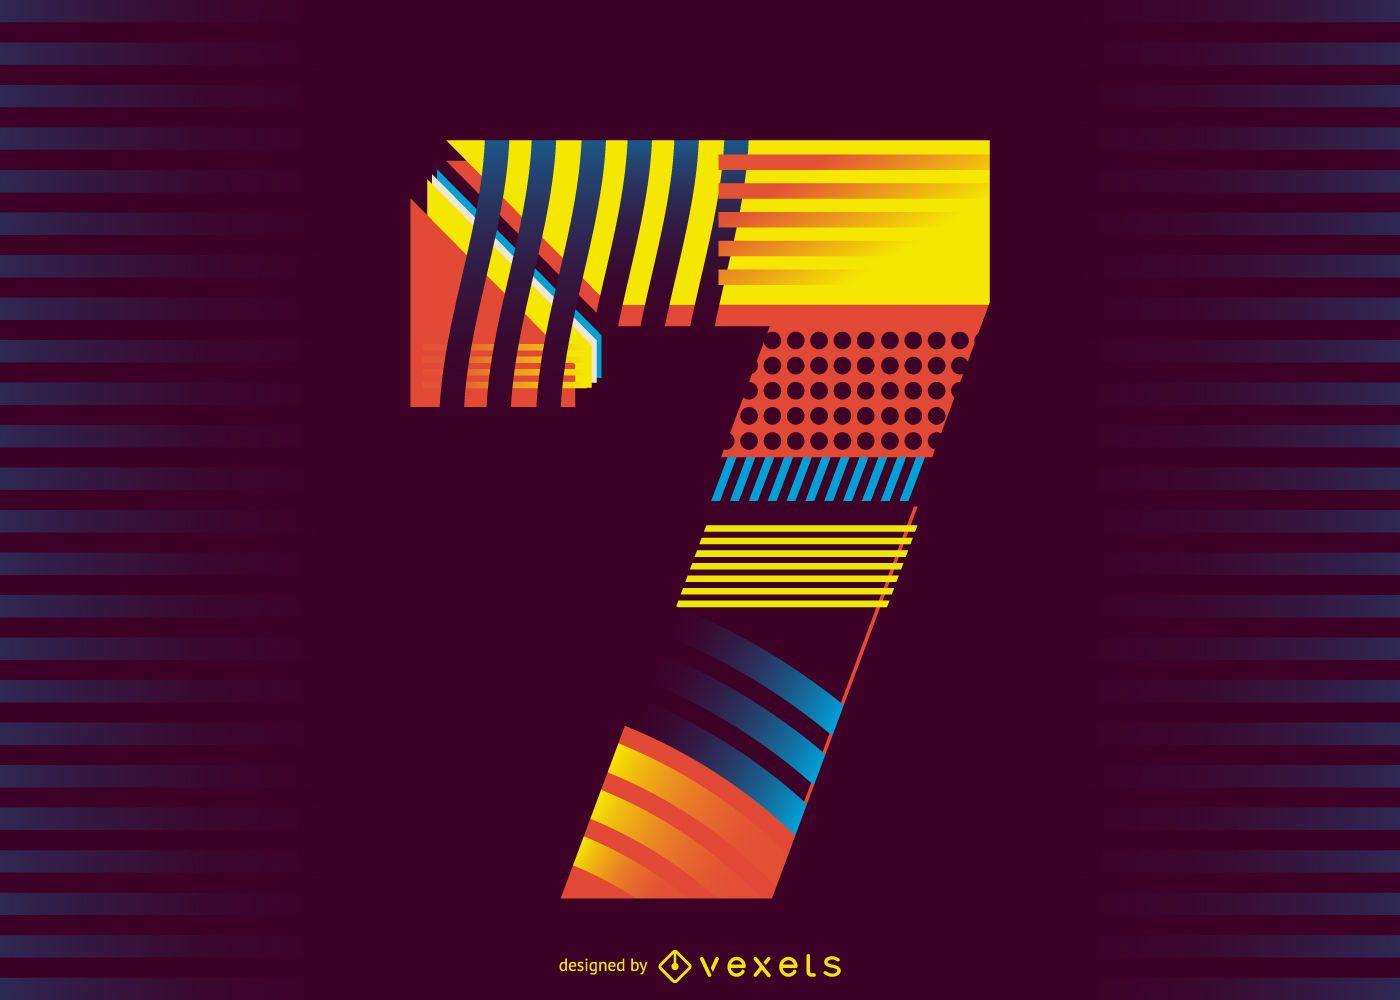 Number 7 retro illustration design